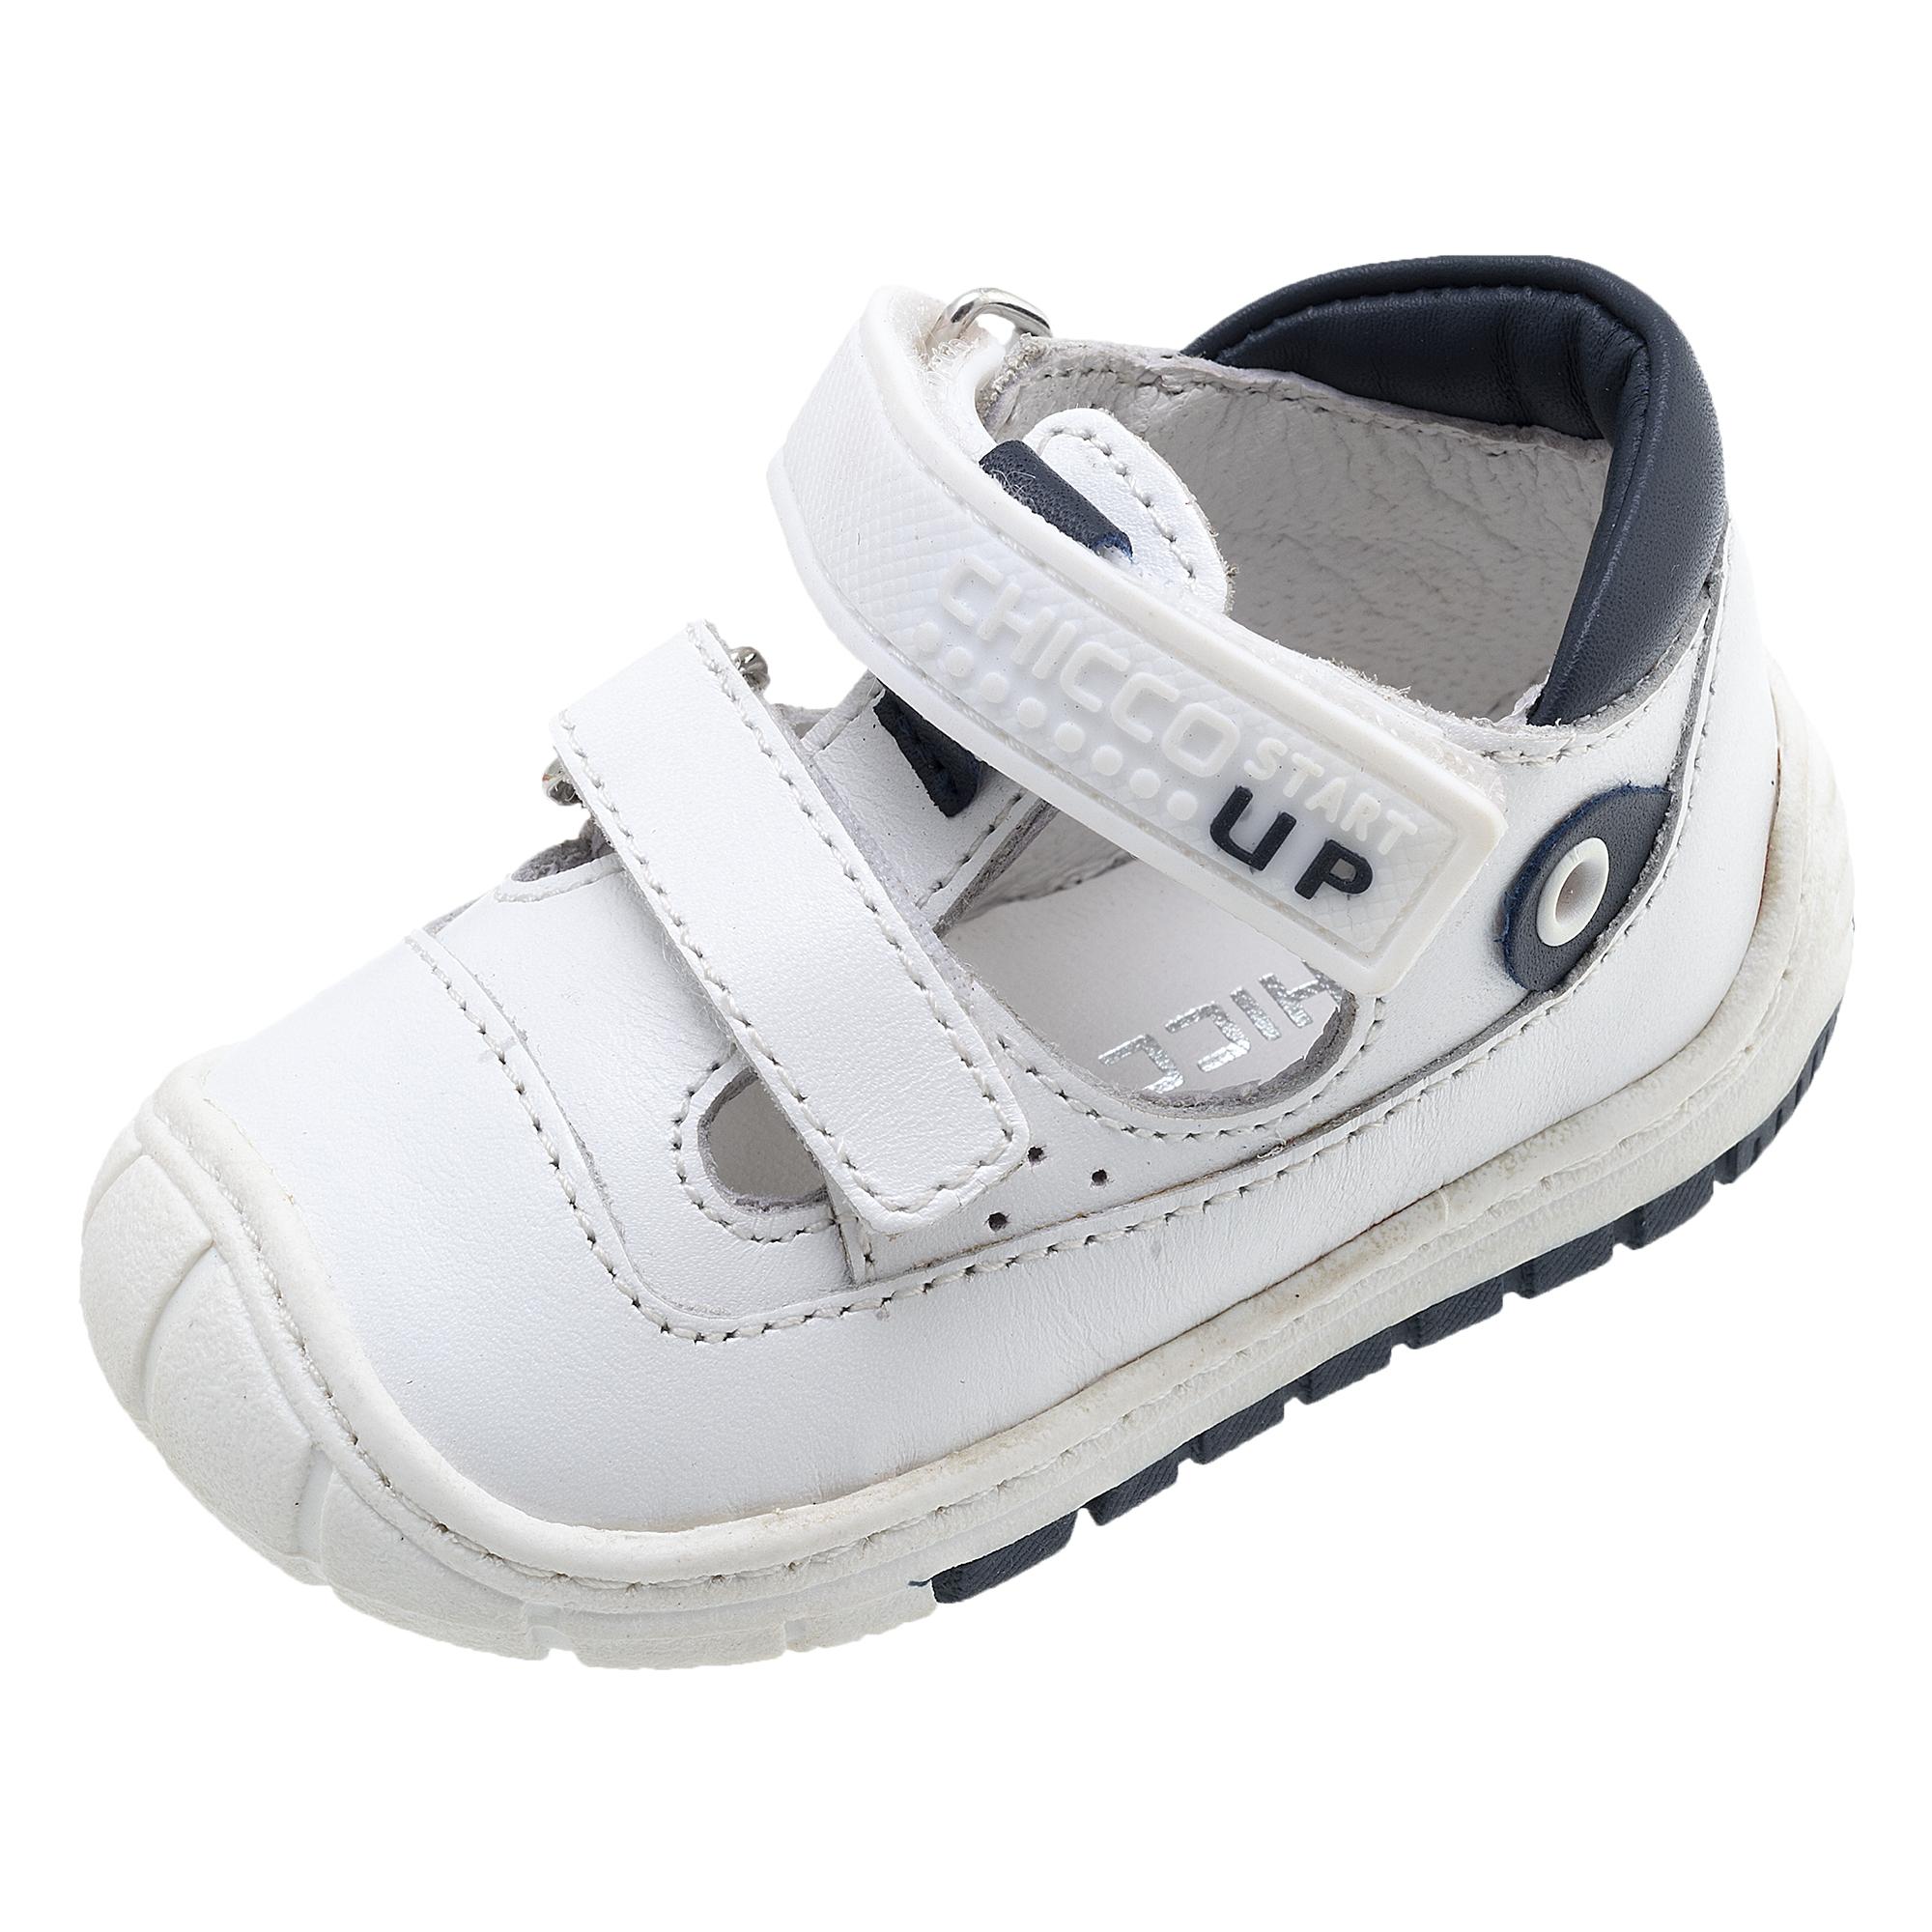 Adidasi Copii Chicco Dario, Alb, 63443 imagine